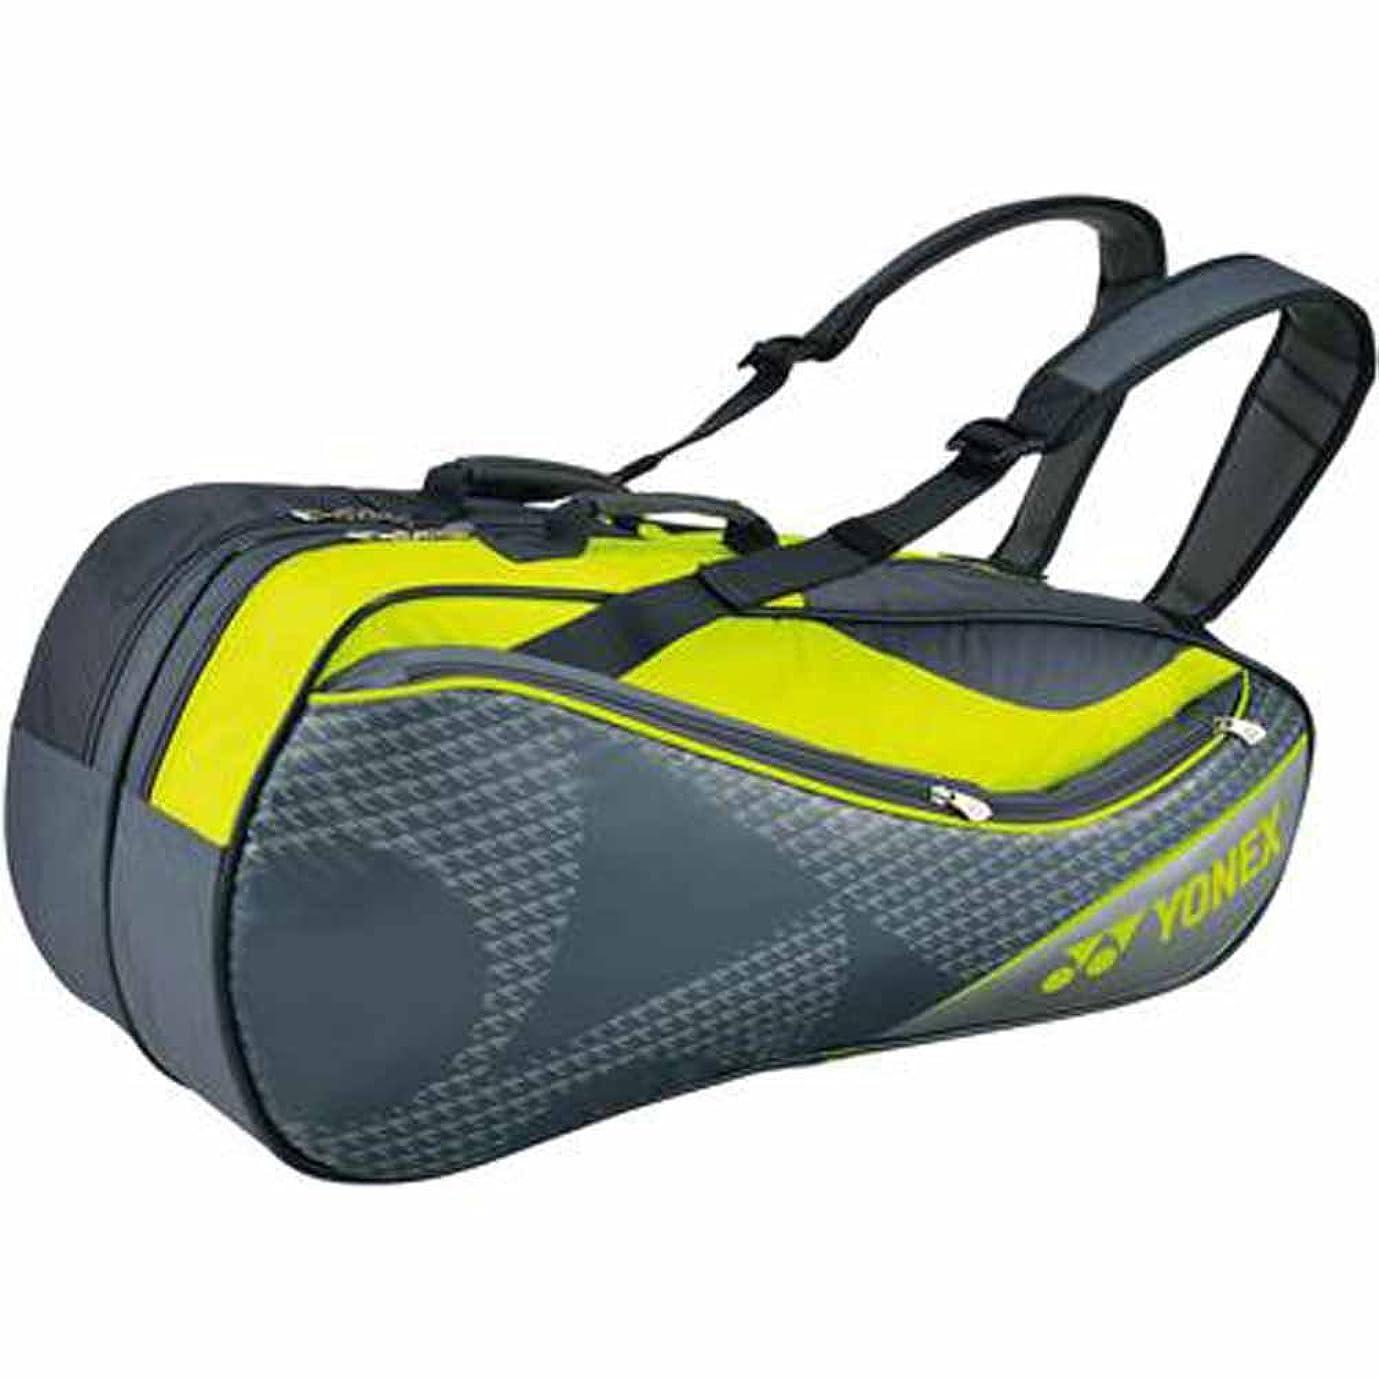 生息地三角形どちらもヨネックス(YONEX) テニス バドミントン ラケットバッグ6 (リュック付) テニスラケット6本用 BAG1722R グレー